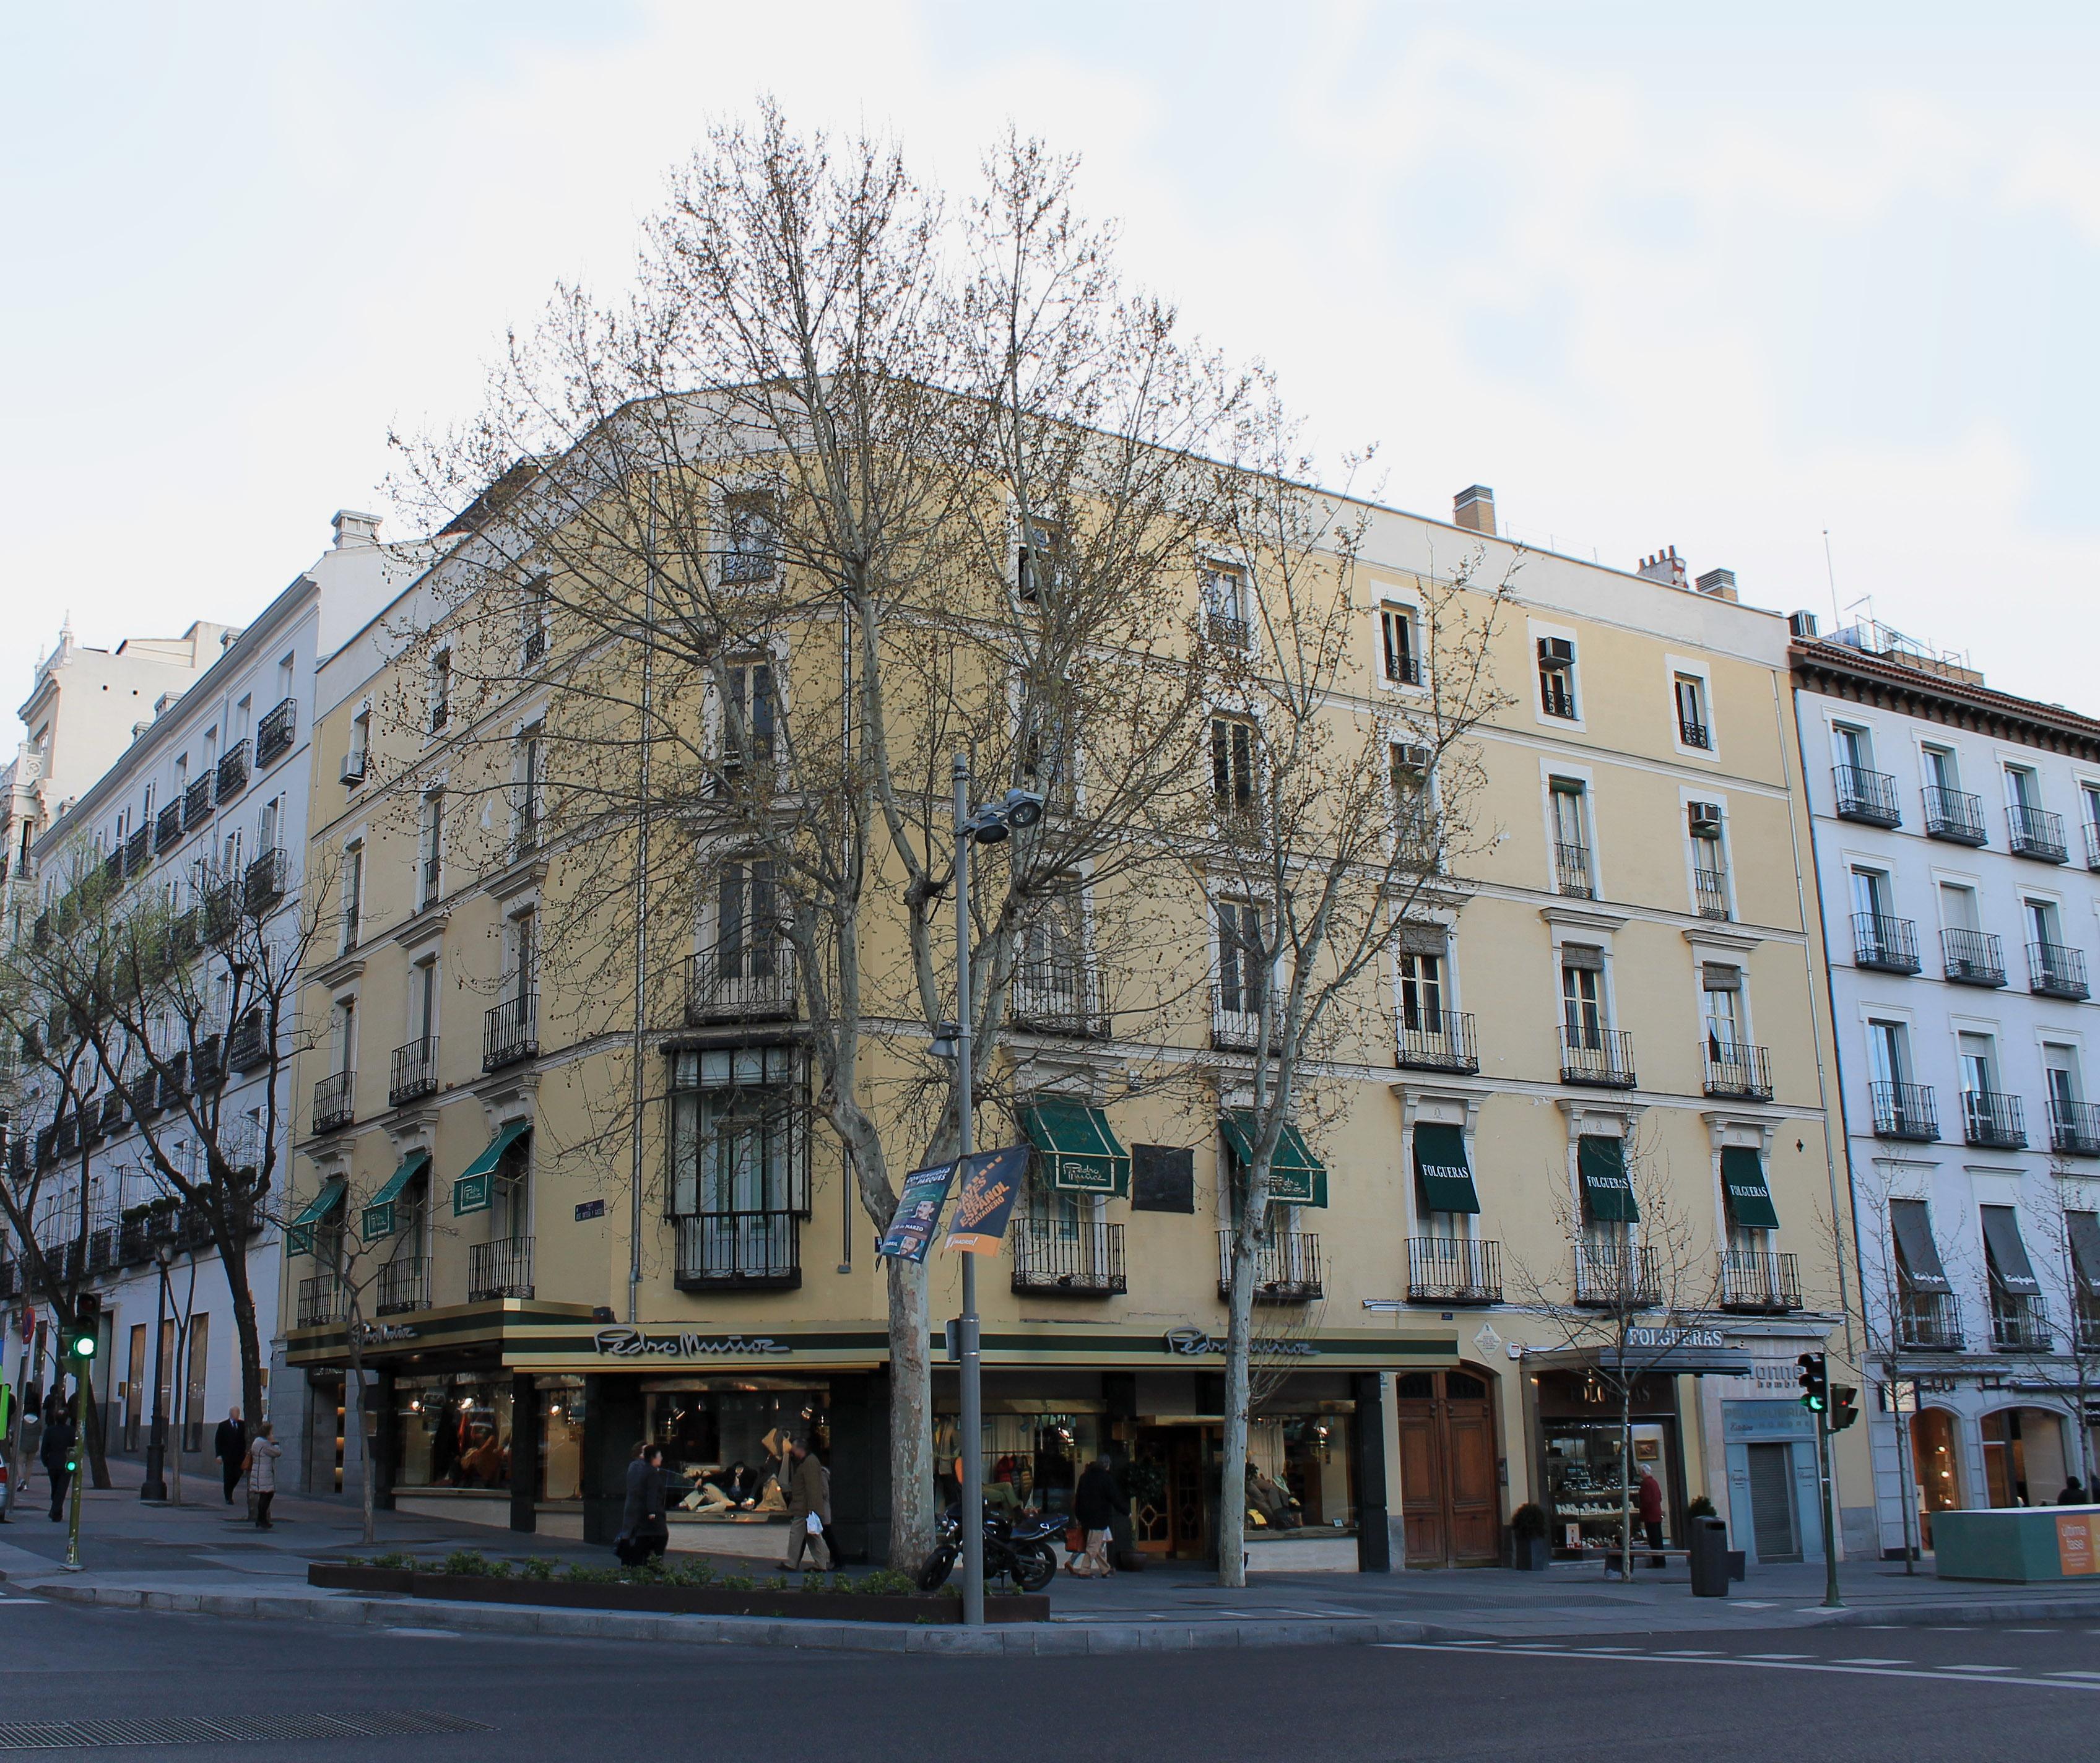 Casa madrileña de la calle Serrano en la que vivió Falla de 1901 a 1907.